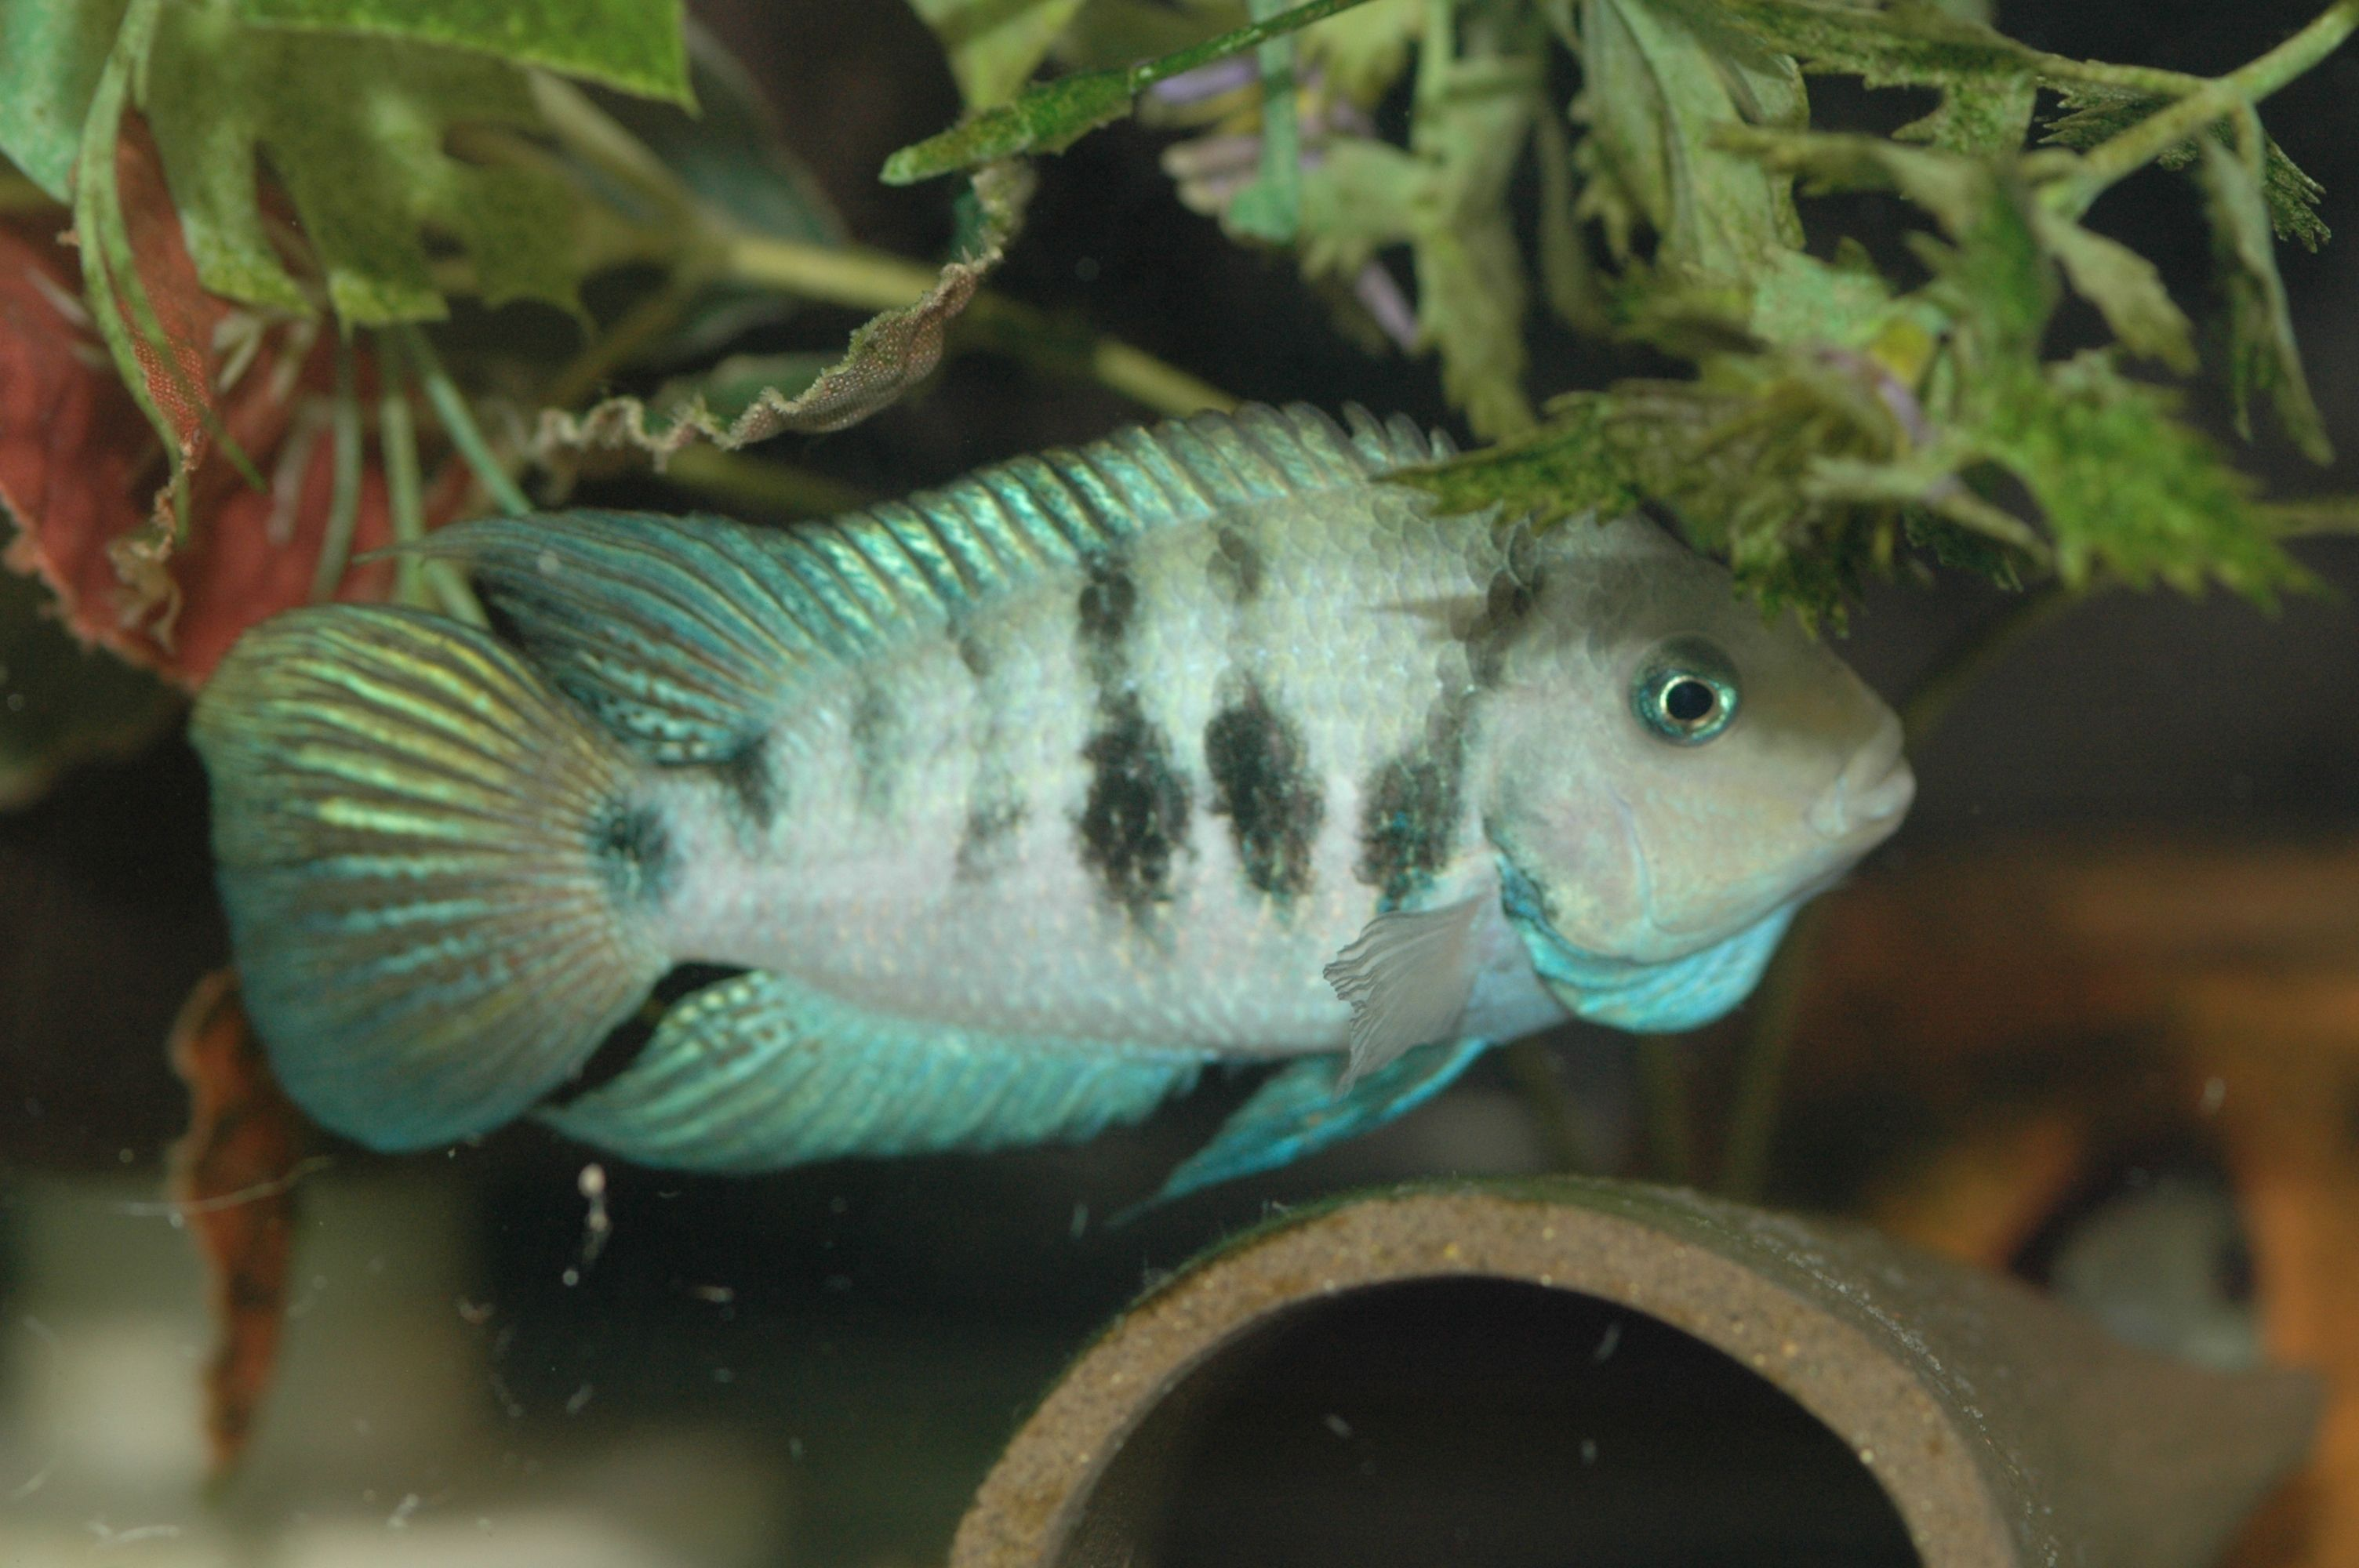 Archocentrus sp. Honduran Red Point American cichlid